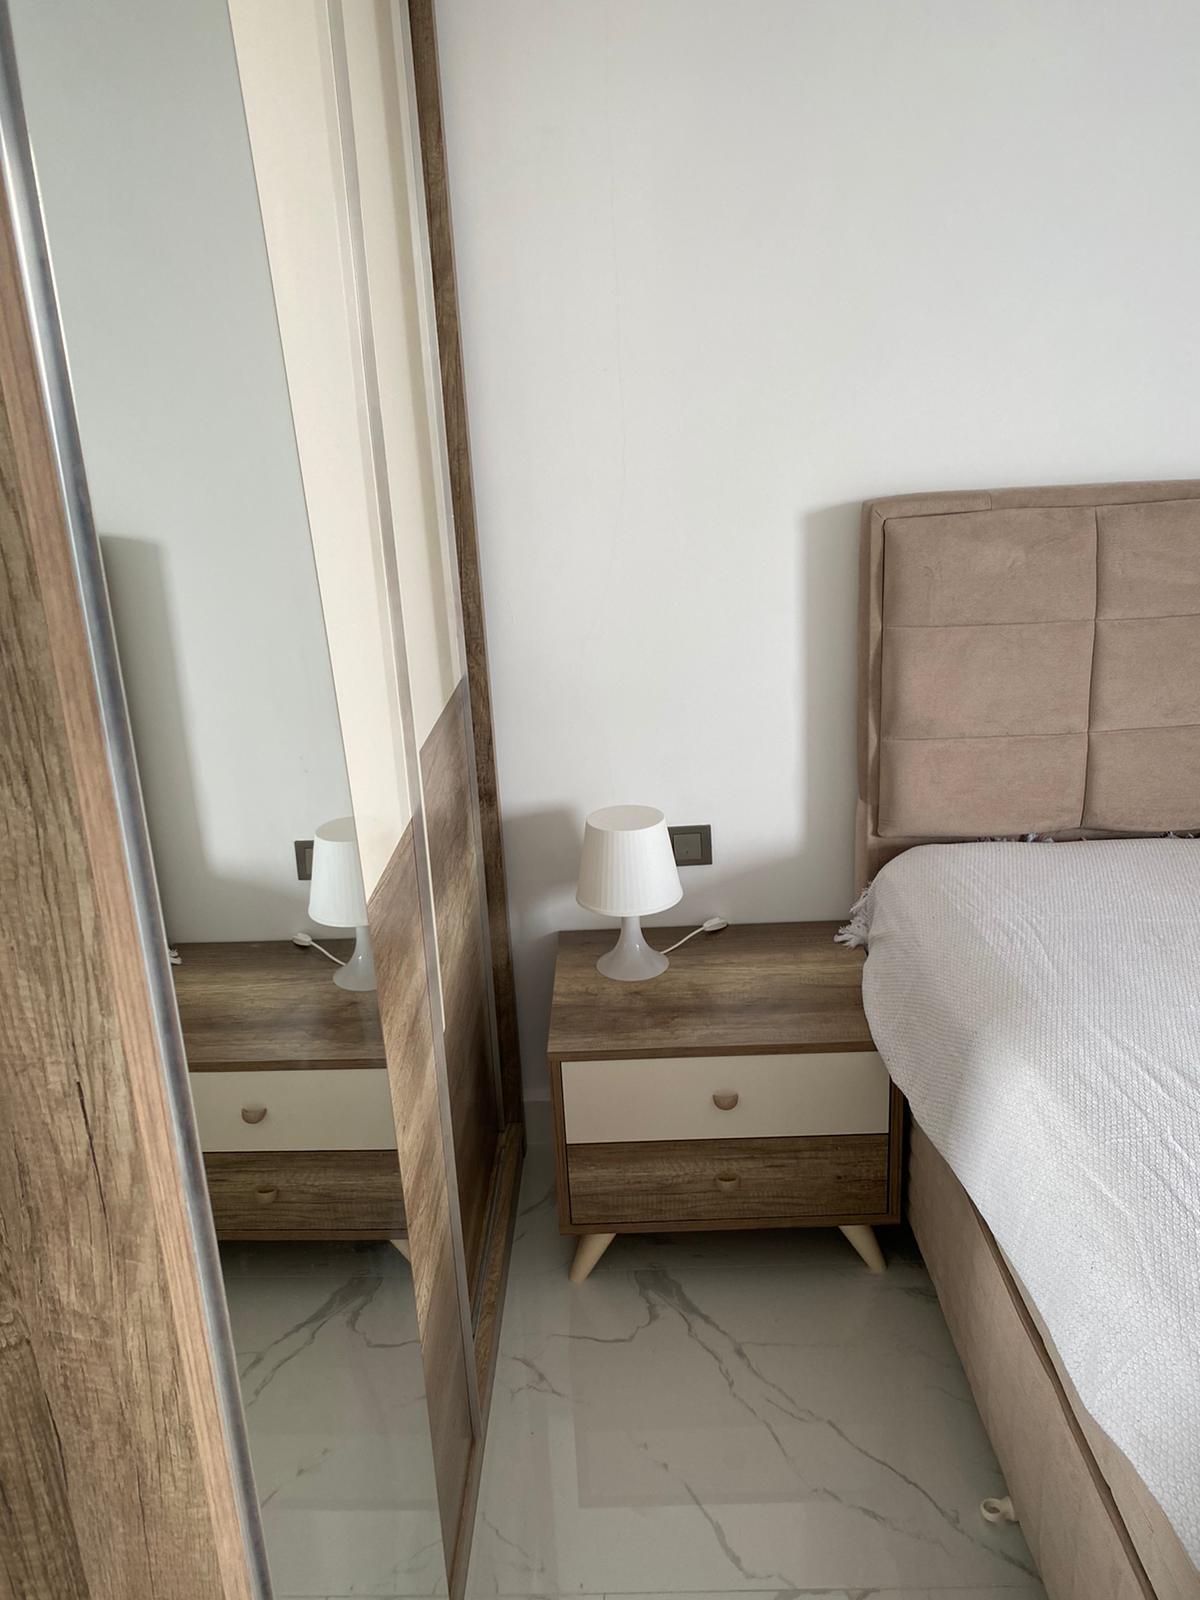 Меблированные апартаменты 1+1 в Махмутларе - Фото 18